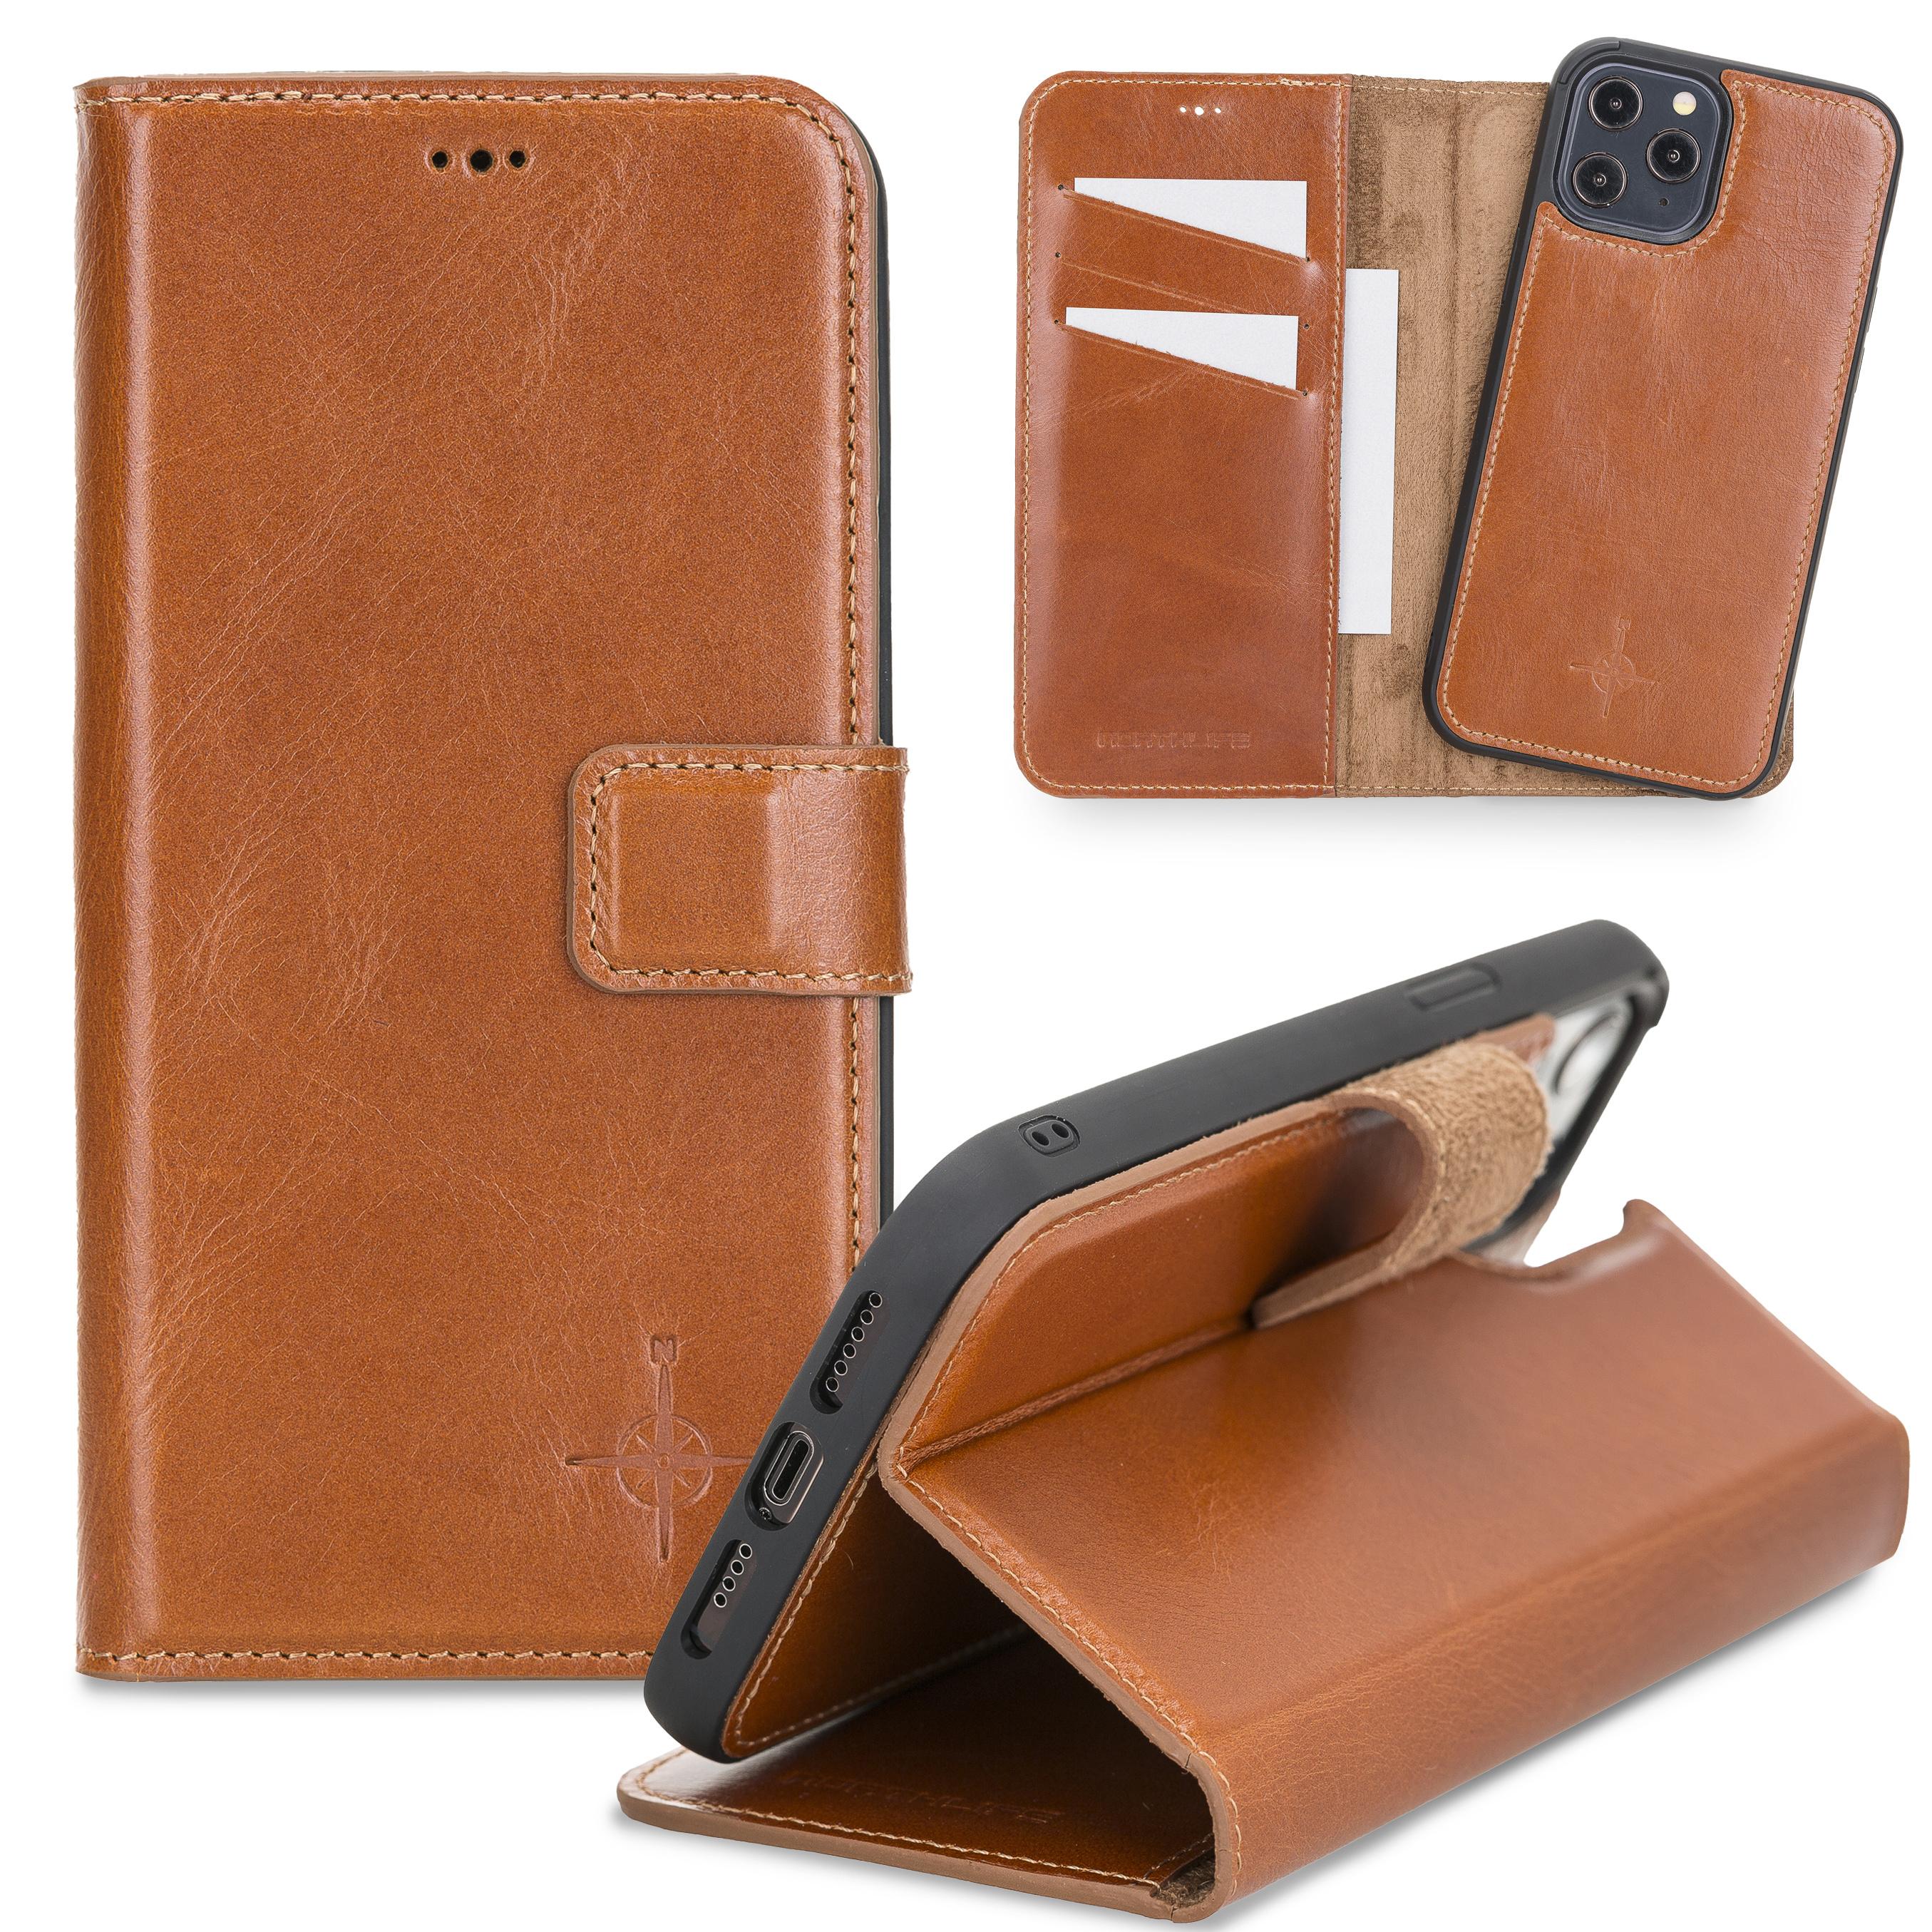 NorthLife Echt lederen uitneembare 2-in-1 (RFID) bookcase hoes Burcht Trecht Cognac voor de iPhone 12 Pro Max